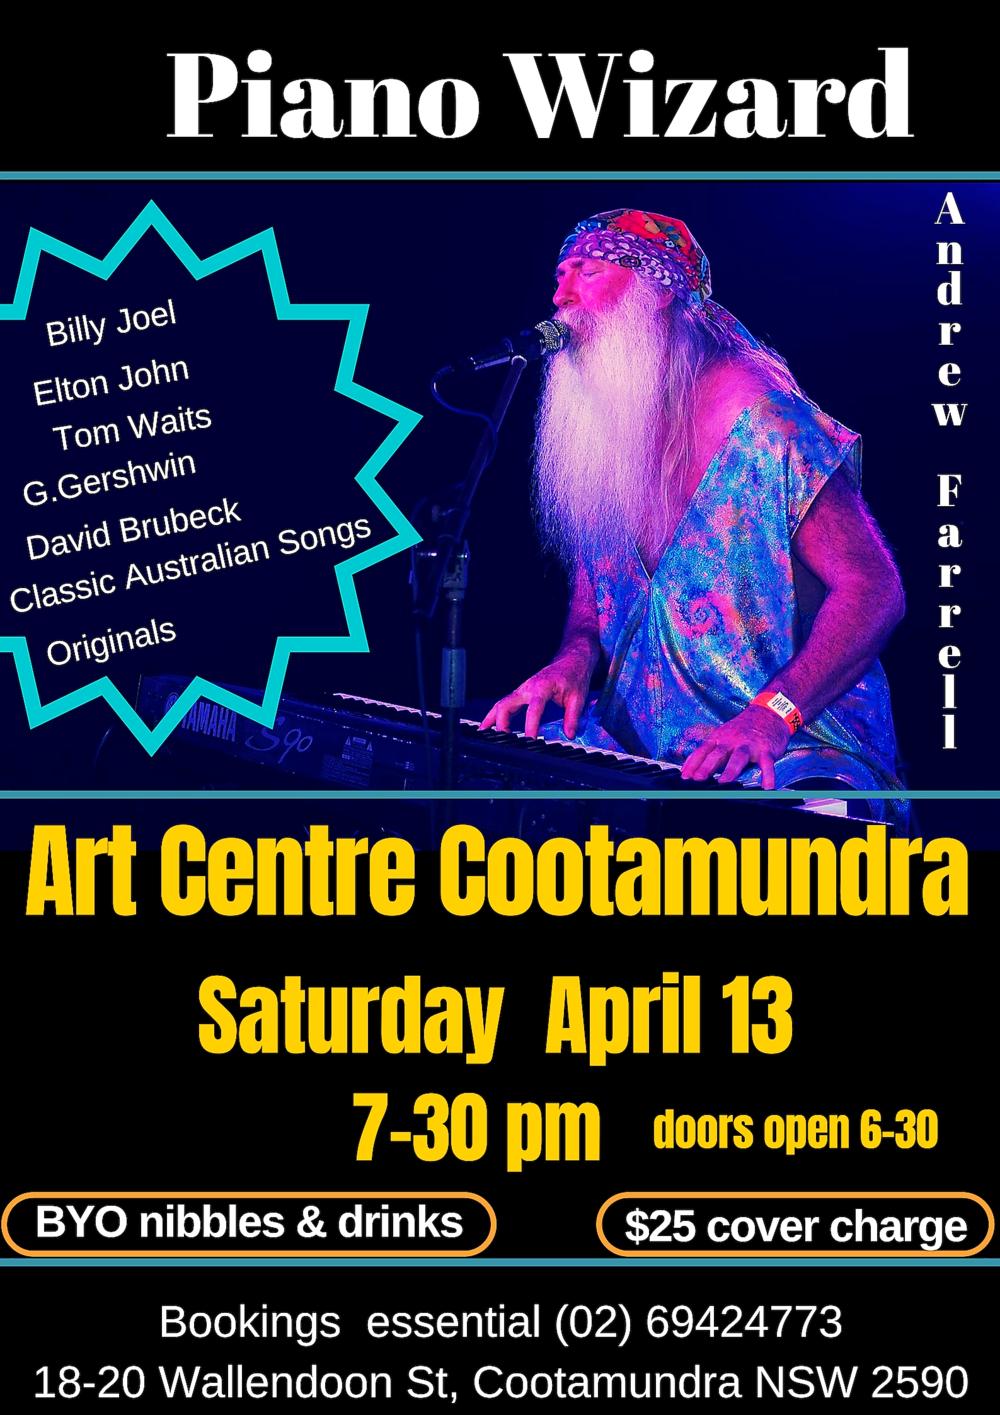 2019-02-21 Cootamundra Piano Wizard.png